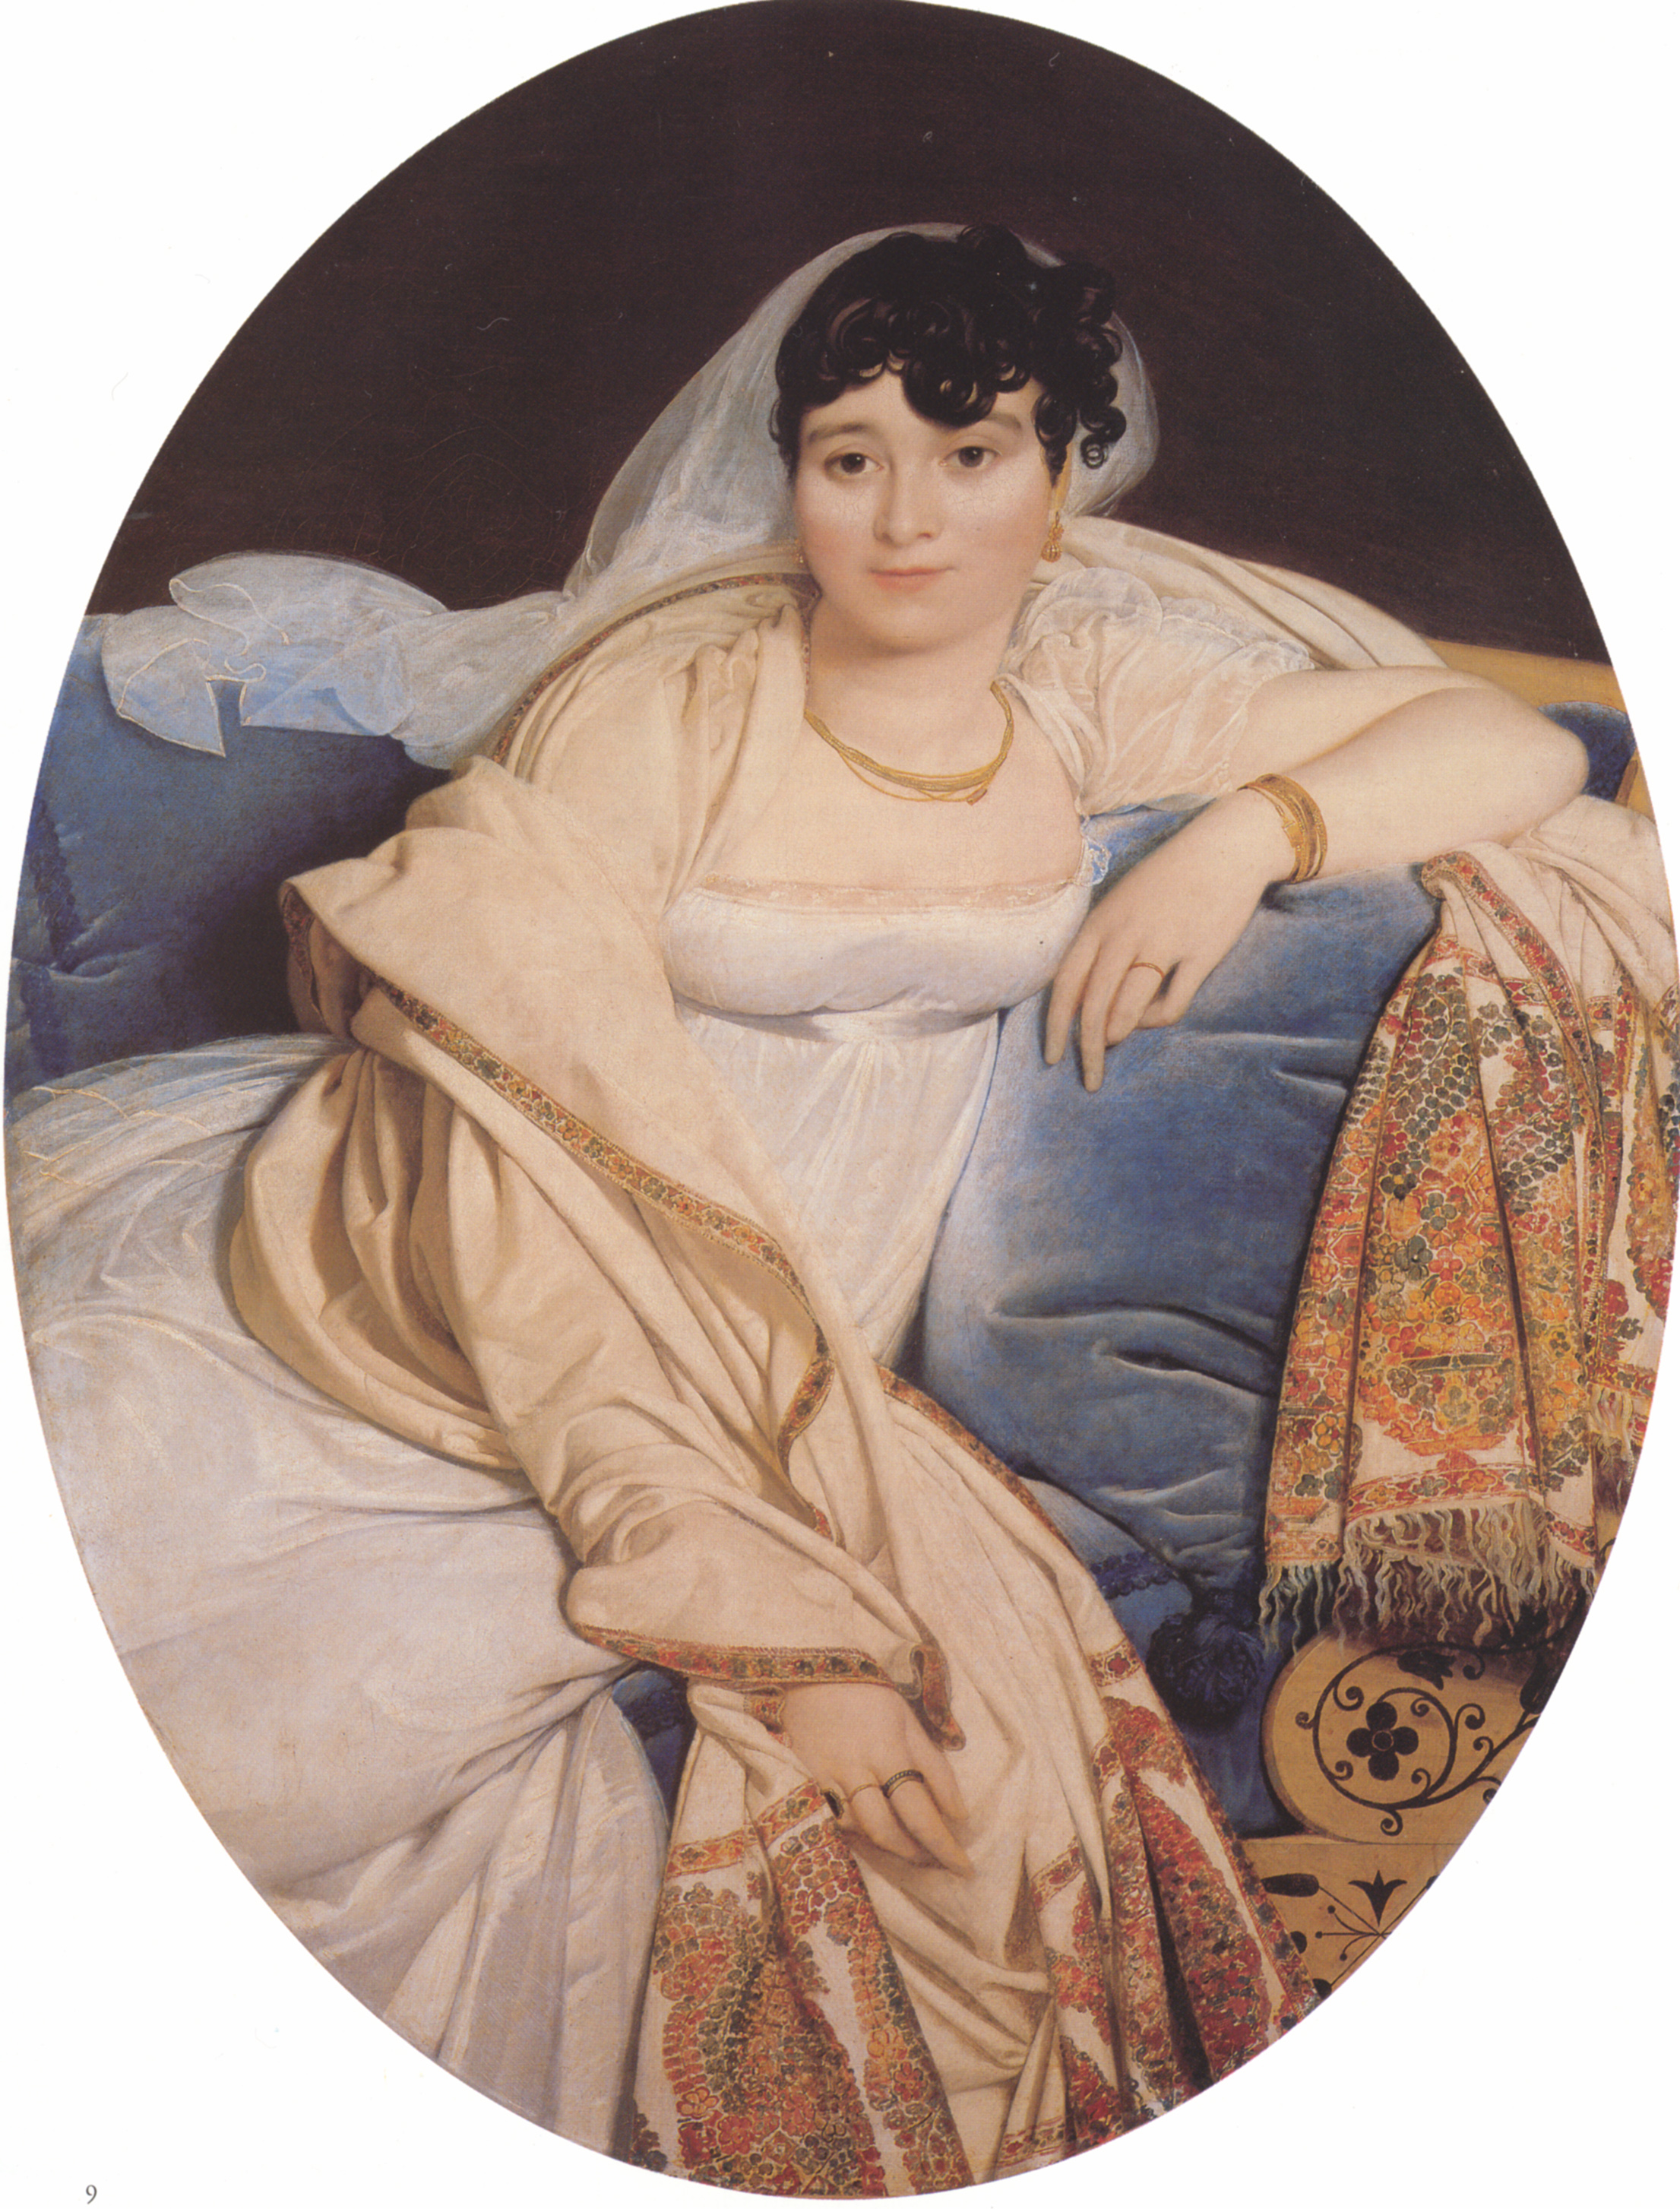 Portrait of Madame Riviere nee Marie Francoise Jacquette Bibiane Blot de Beauregard, 1806